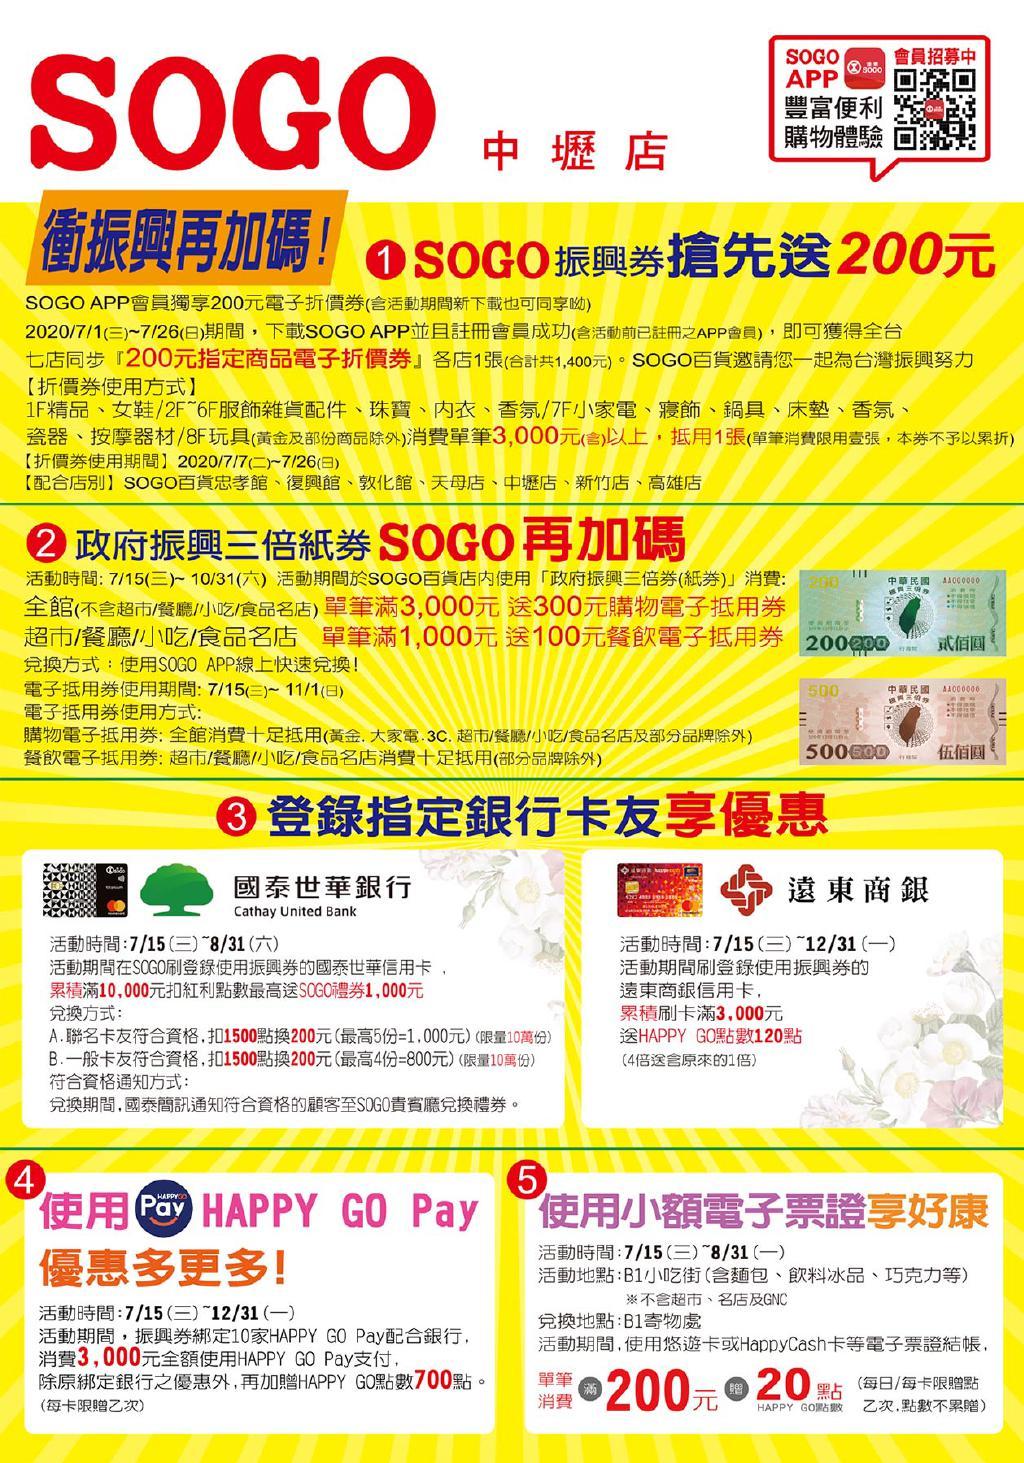 sogo05_20201031_000001.jpg